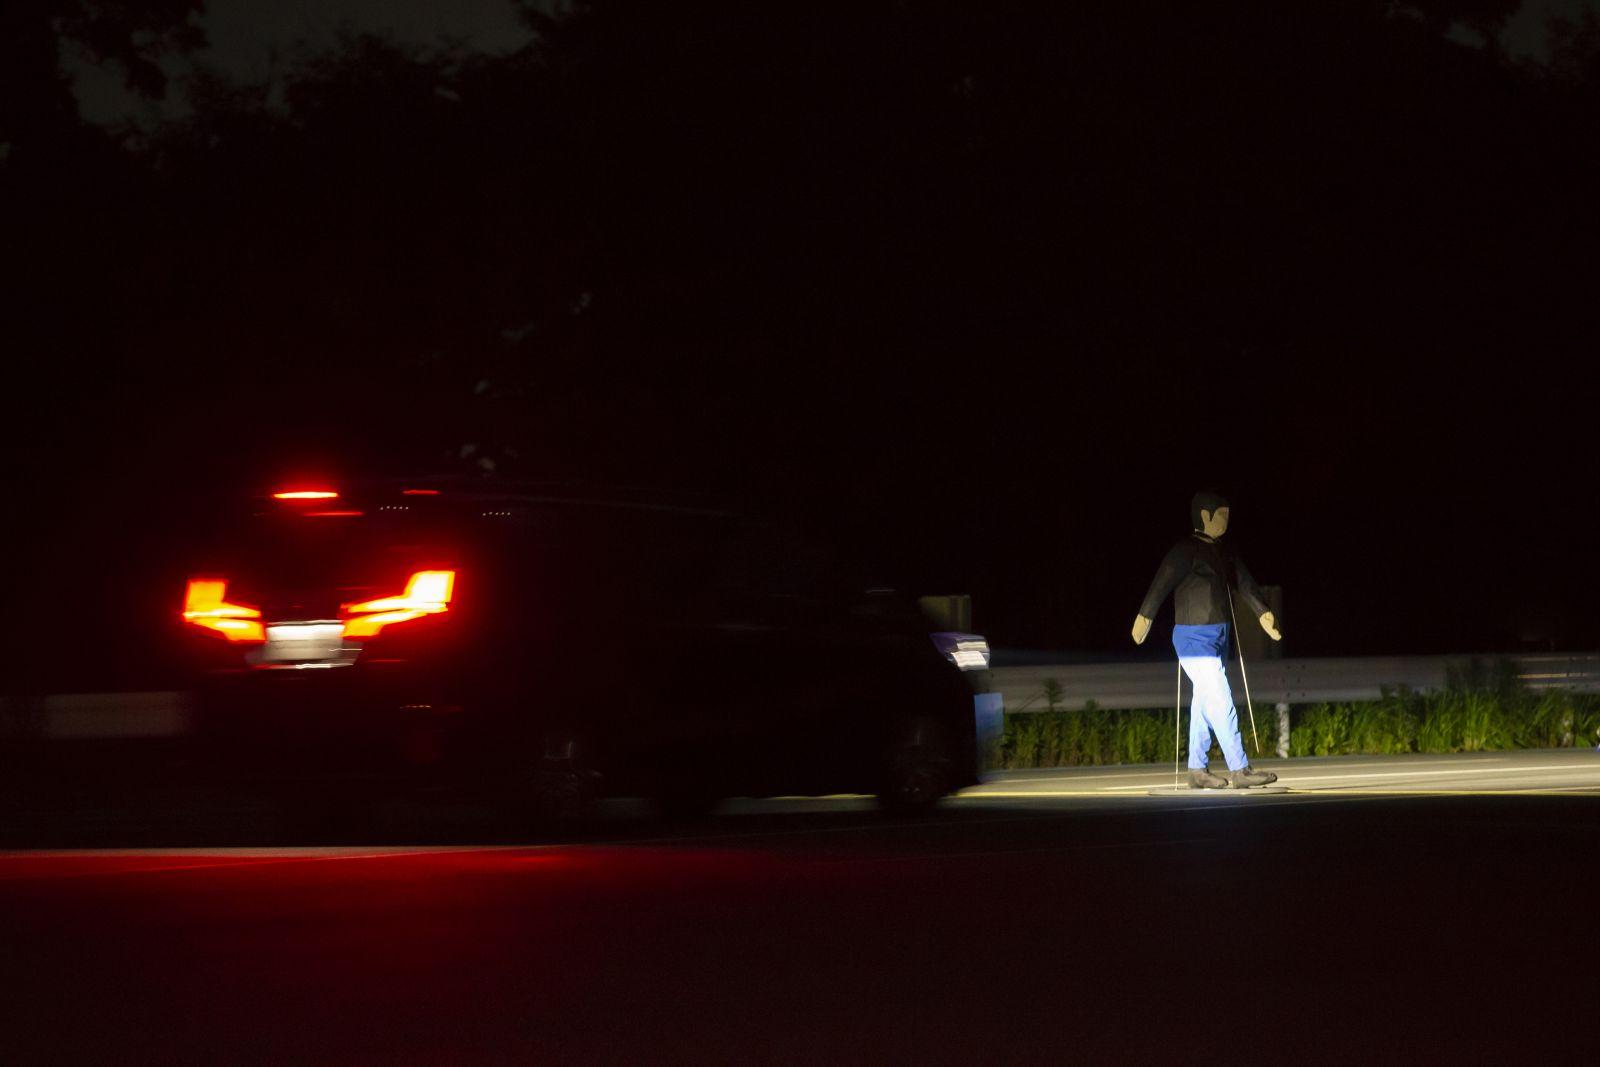 ぶつかるー! と心で叫んでもジェントルに停止するトヨタの先進安全機能『Toyota Safety Sense』第2世代